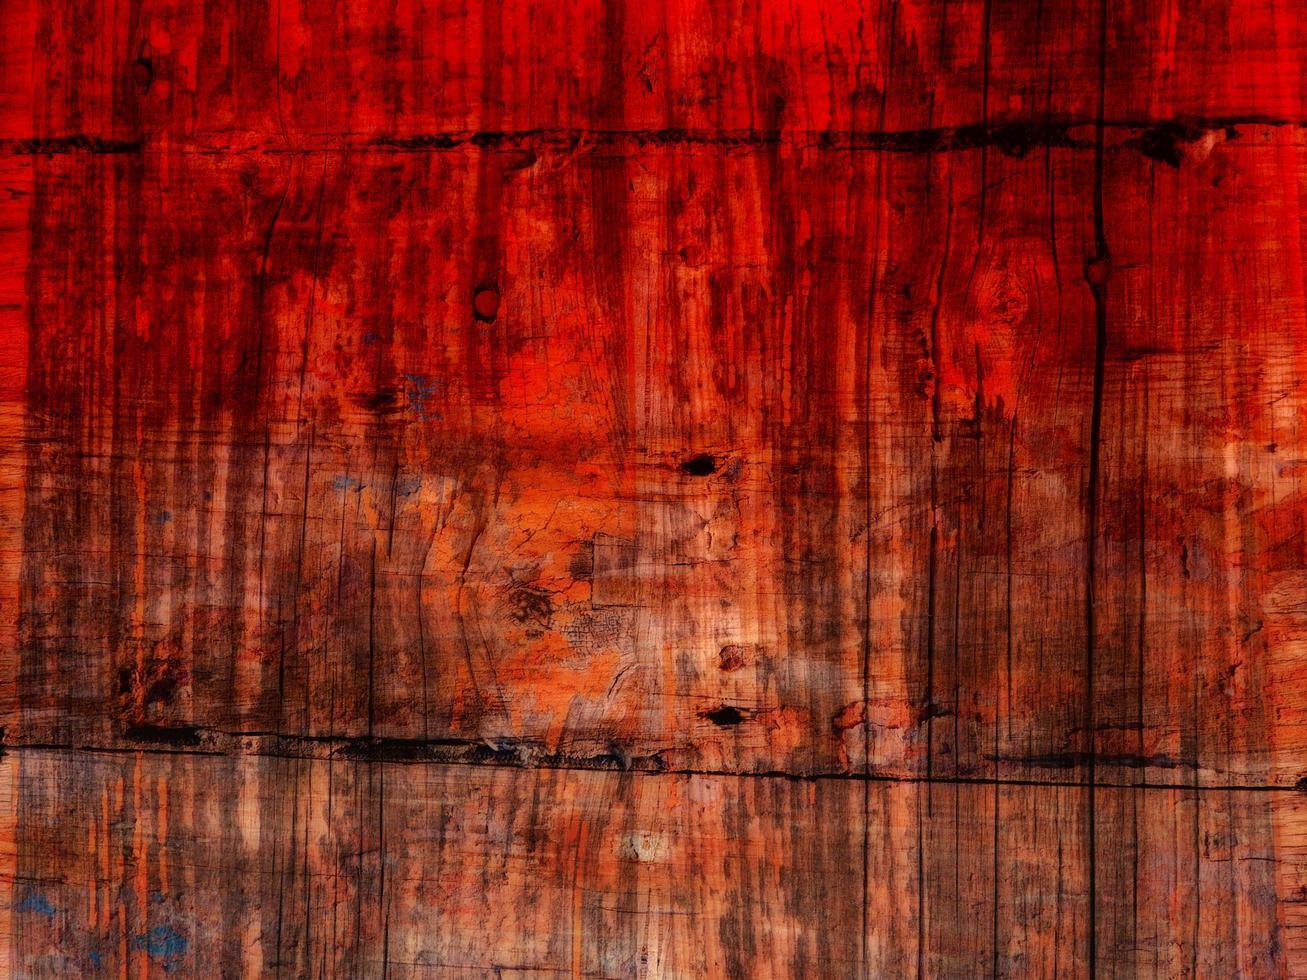 kleurrijke houtstructuur foto